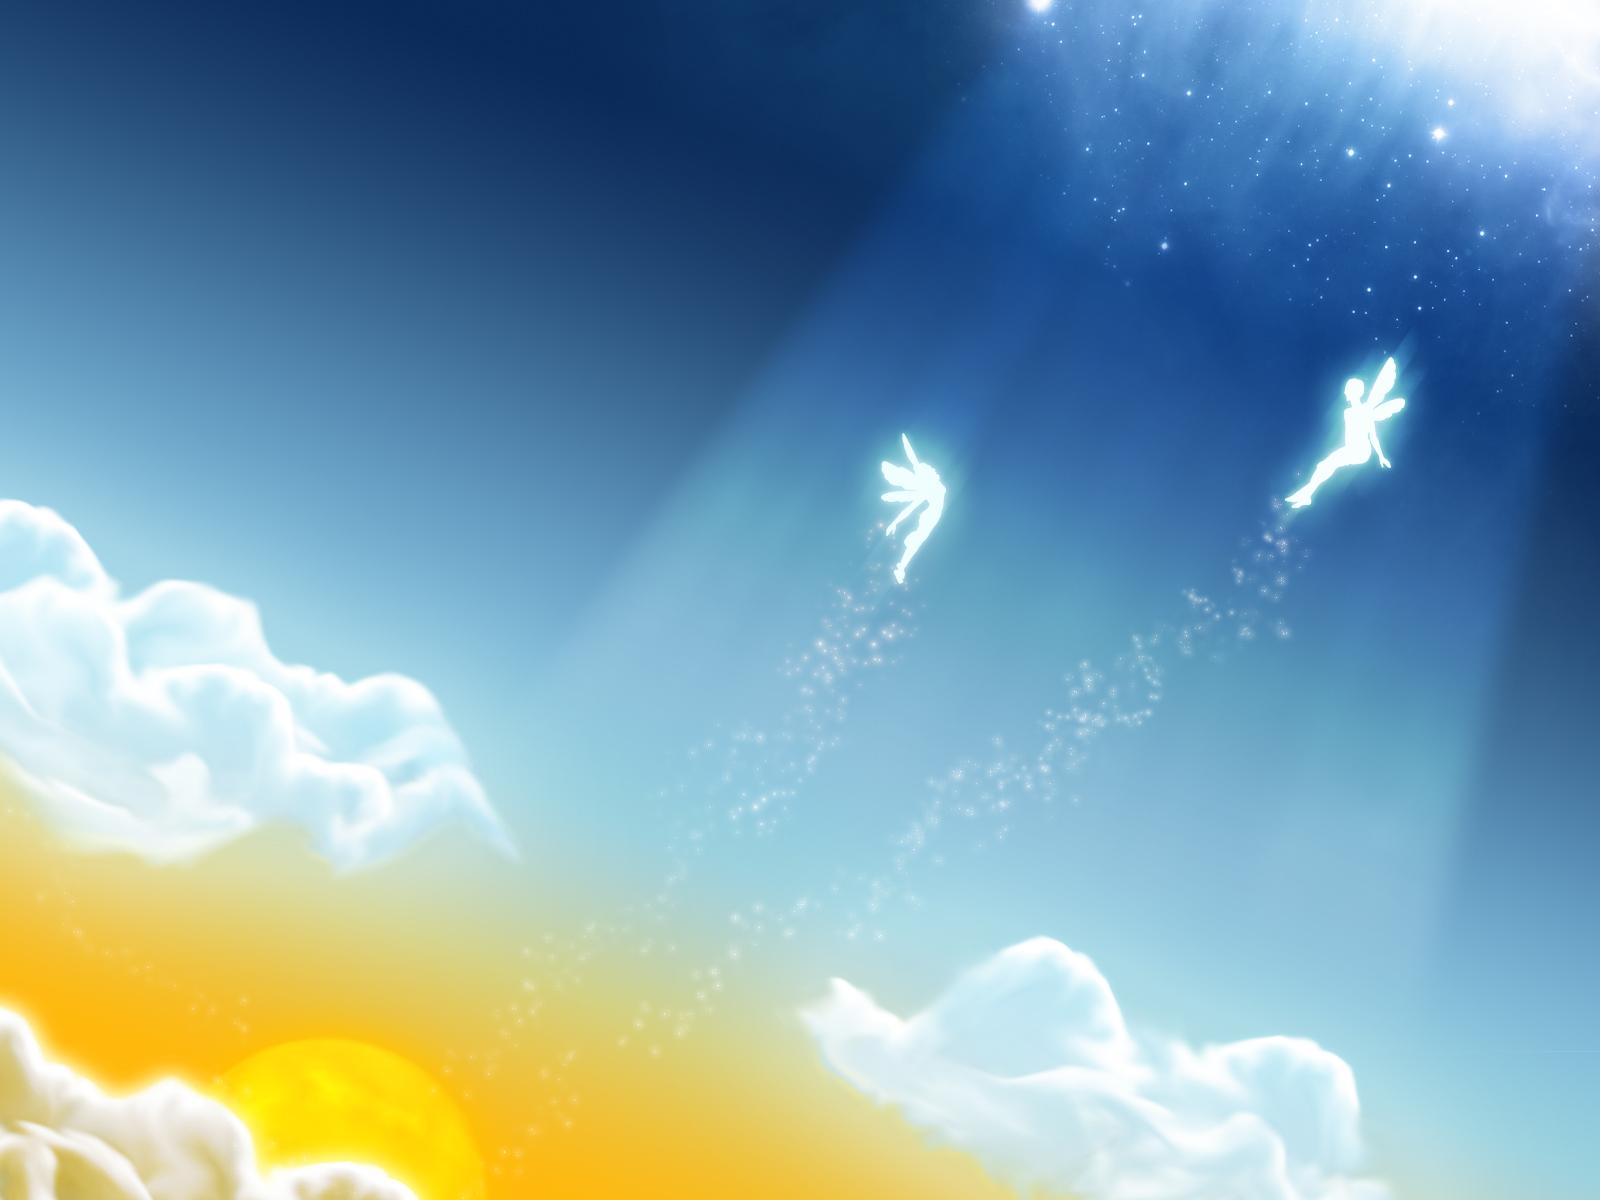 небо, две феи летят, скачать фото, обои для рабочего стола, облака